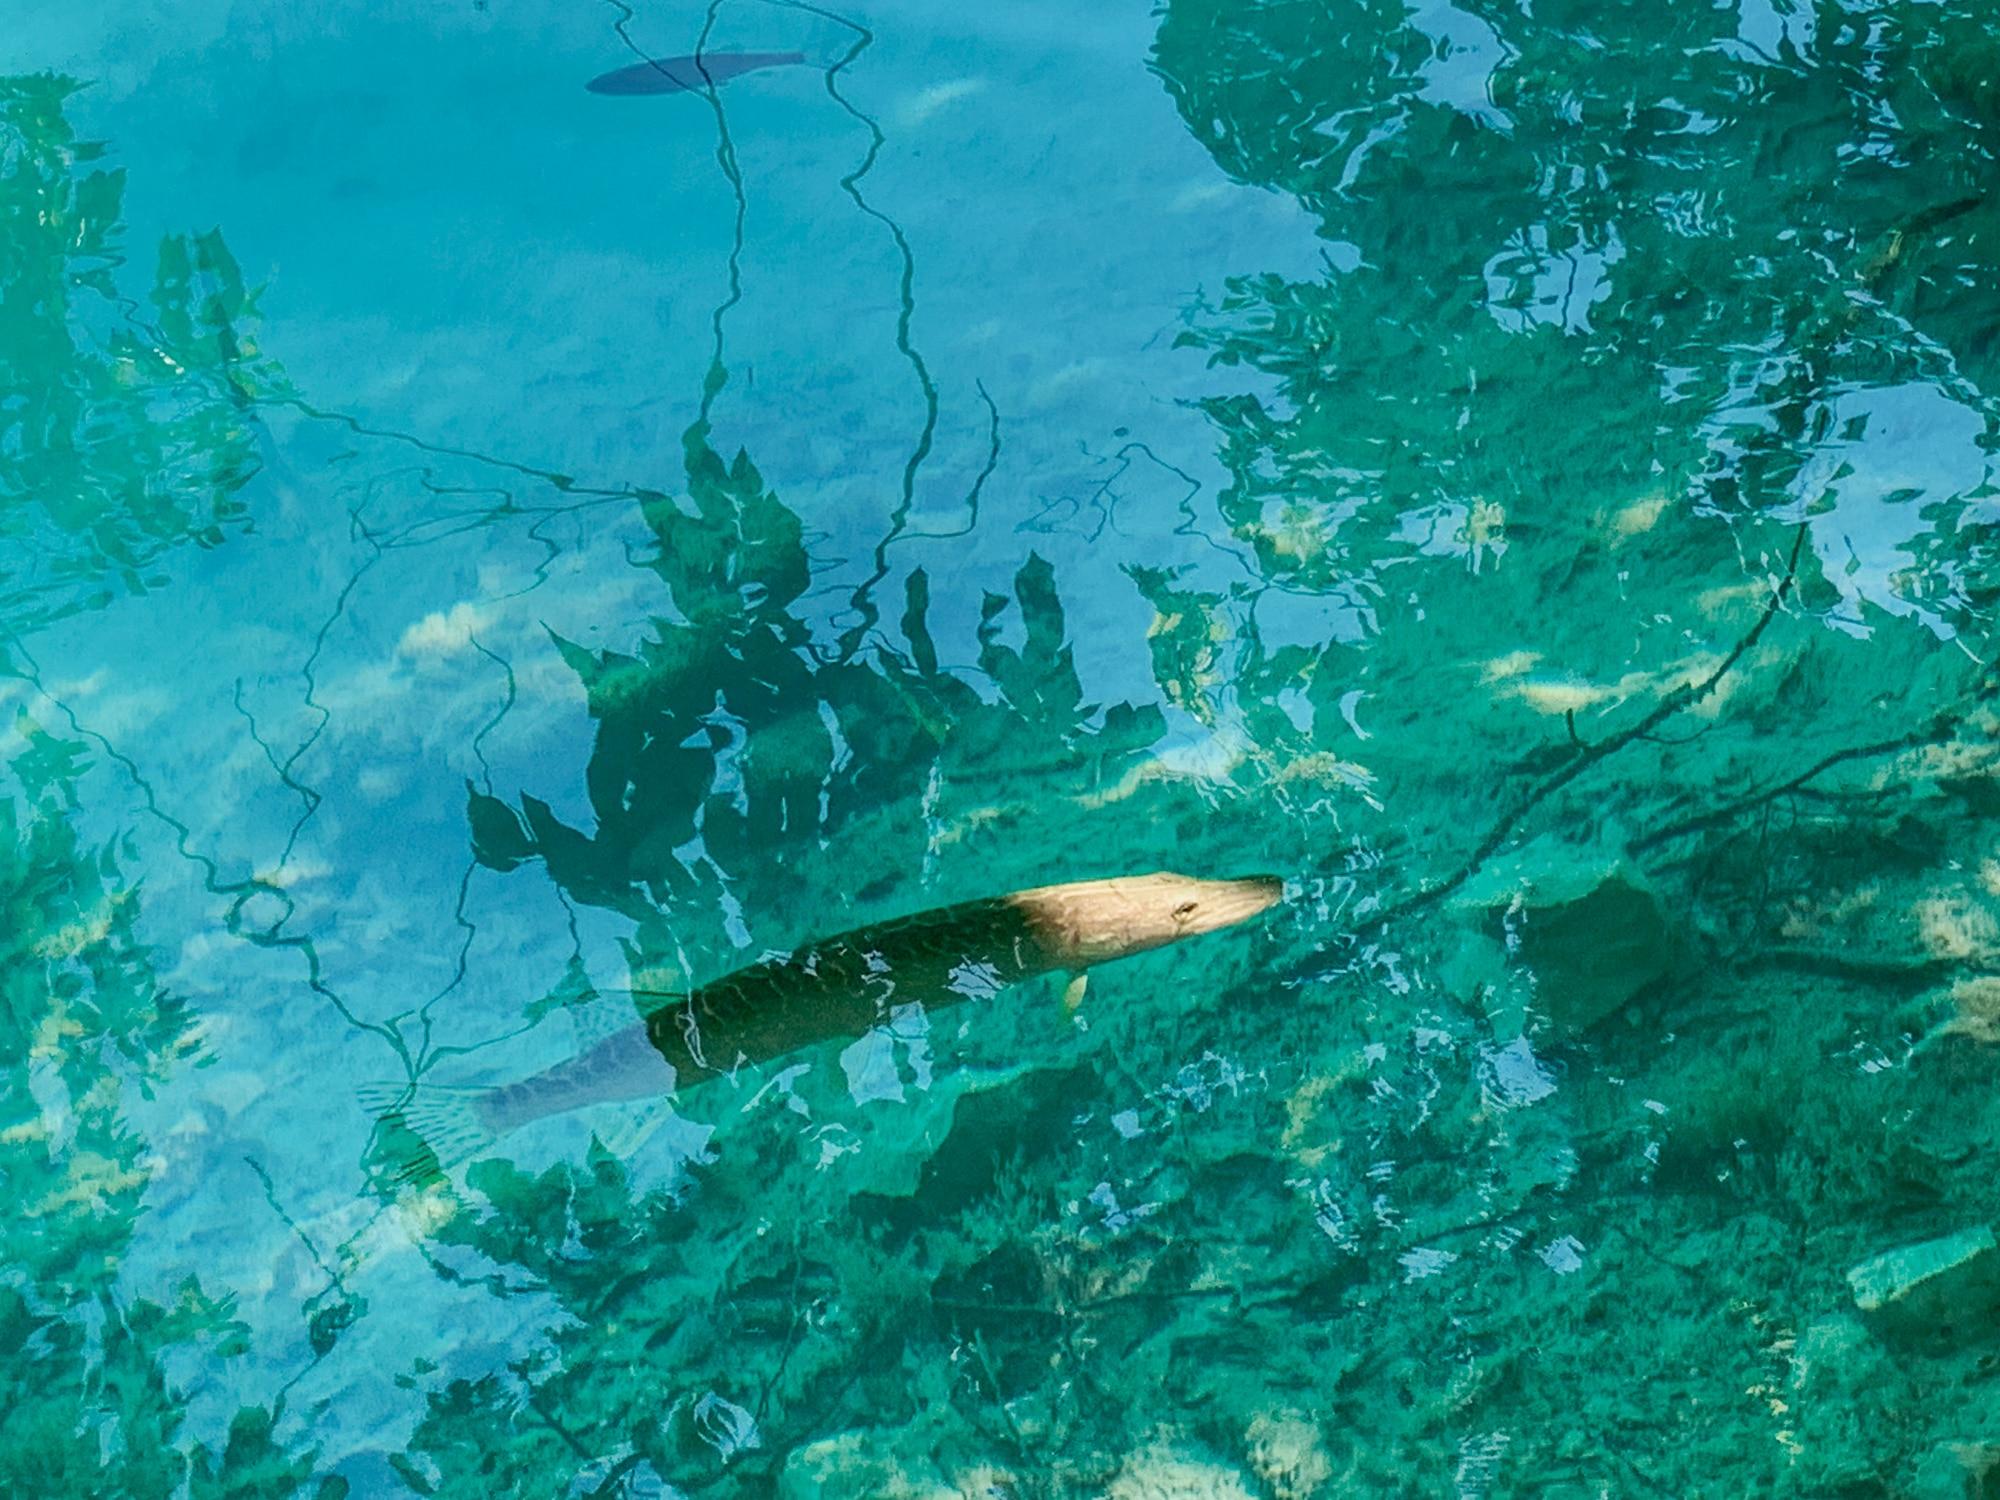 Nationalpark Plitvicer Seen: Tipps für den schönsten Kroatien Nationalpark - Fische im klaren Wasser